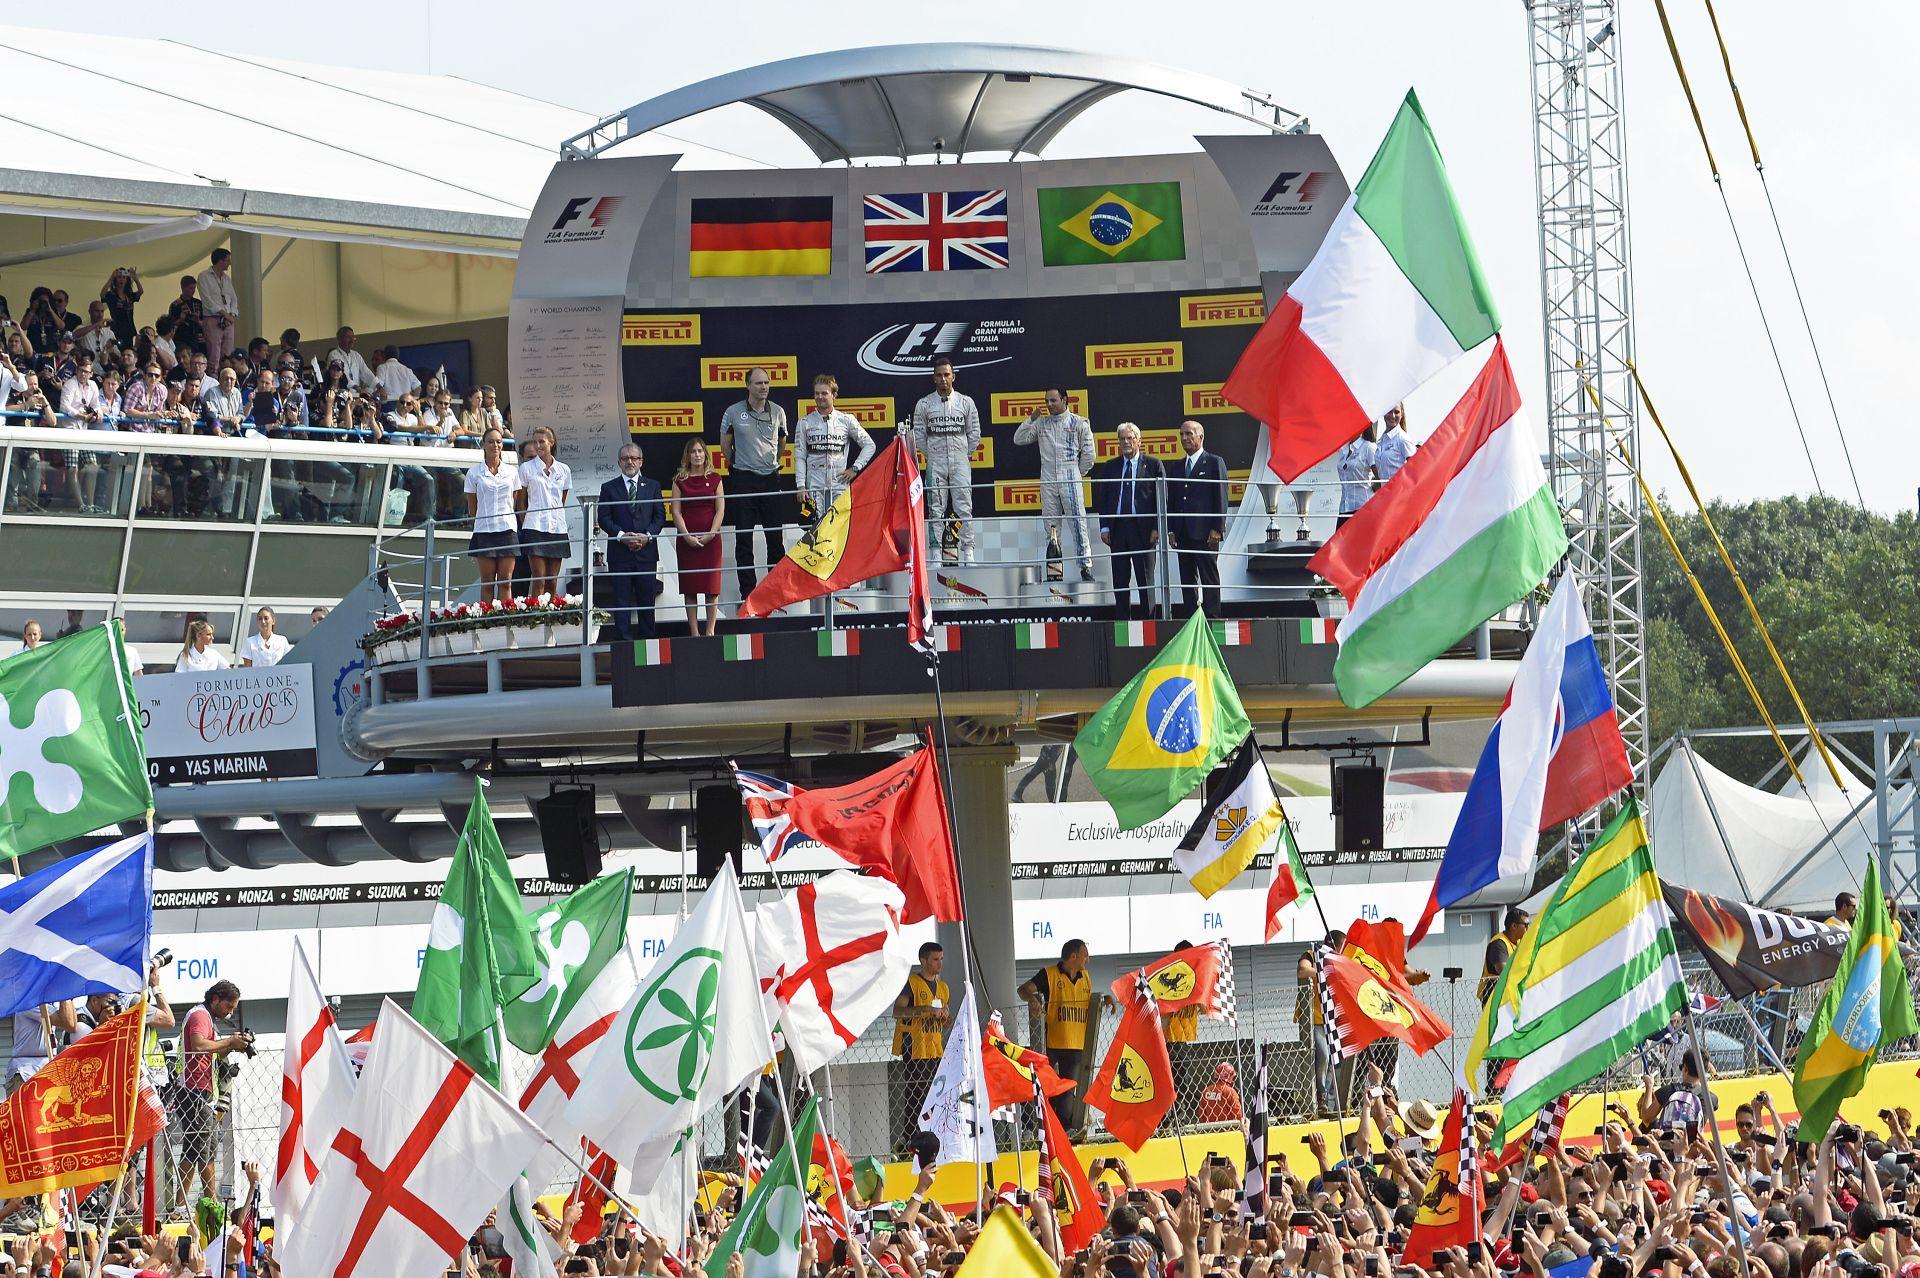 Nem biztosított Monza jövője a Forma-1-ben: Hatalmas presztízsveszteséget jelentene